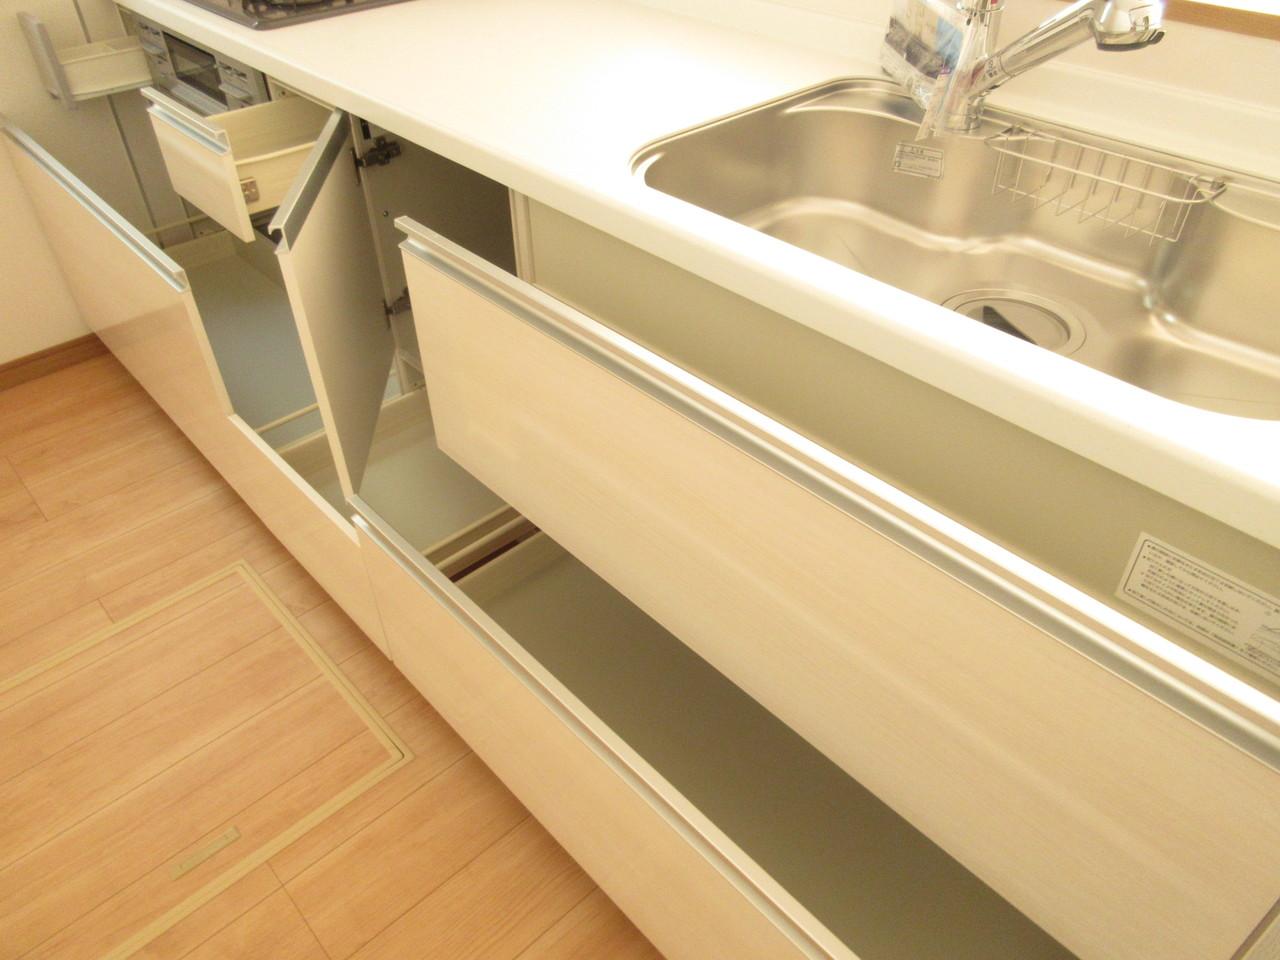 収納スペースが十分ございますのでお料理の作業スペースもしっかり確保!シンクも広く使いやすいです◎